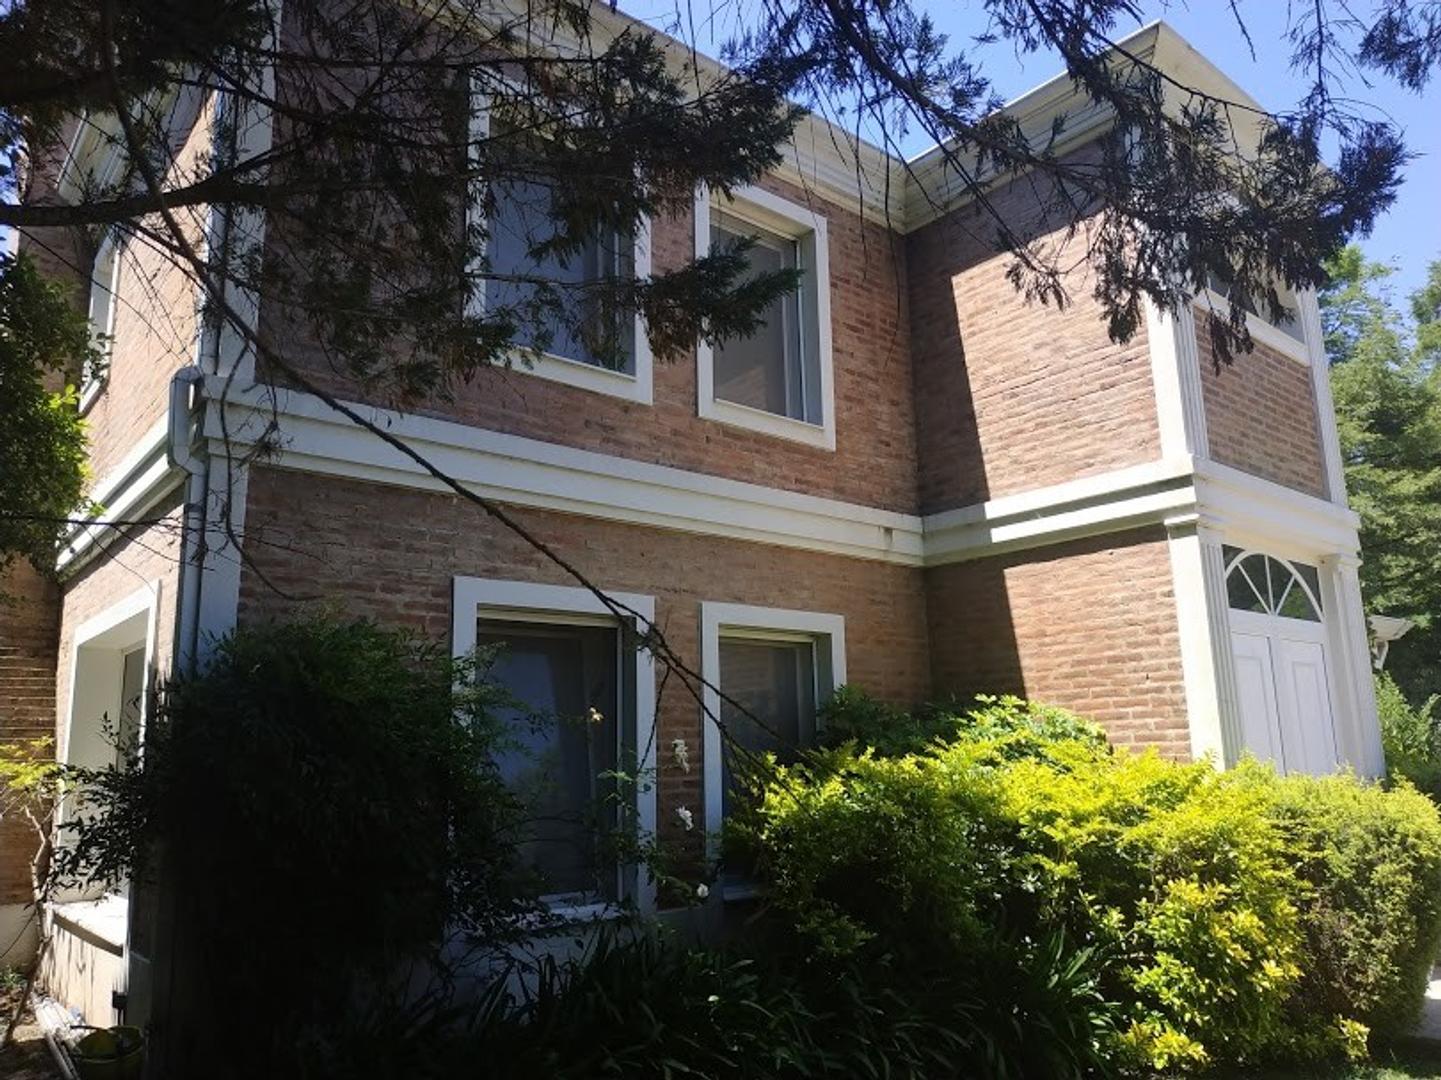 Casa - 283 m² | 3 dormitorios | 3 baños